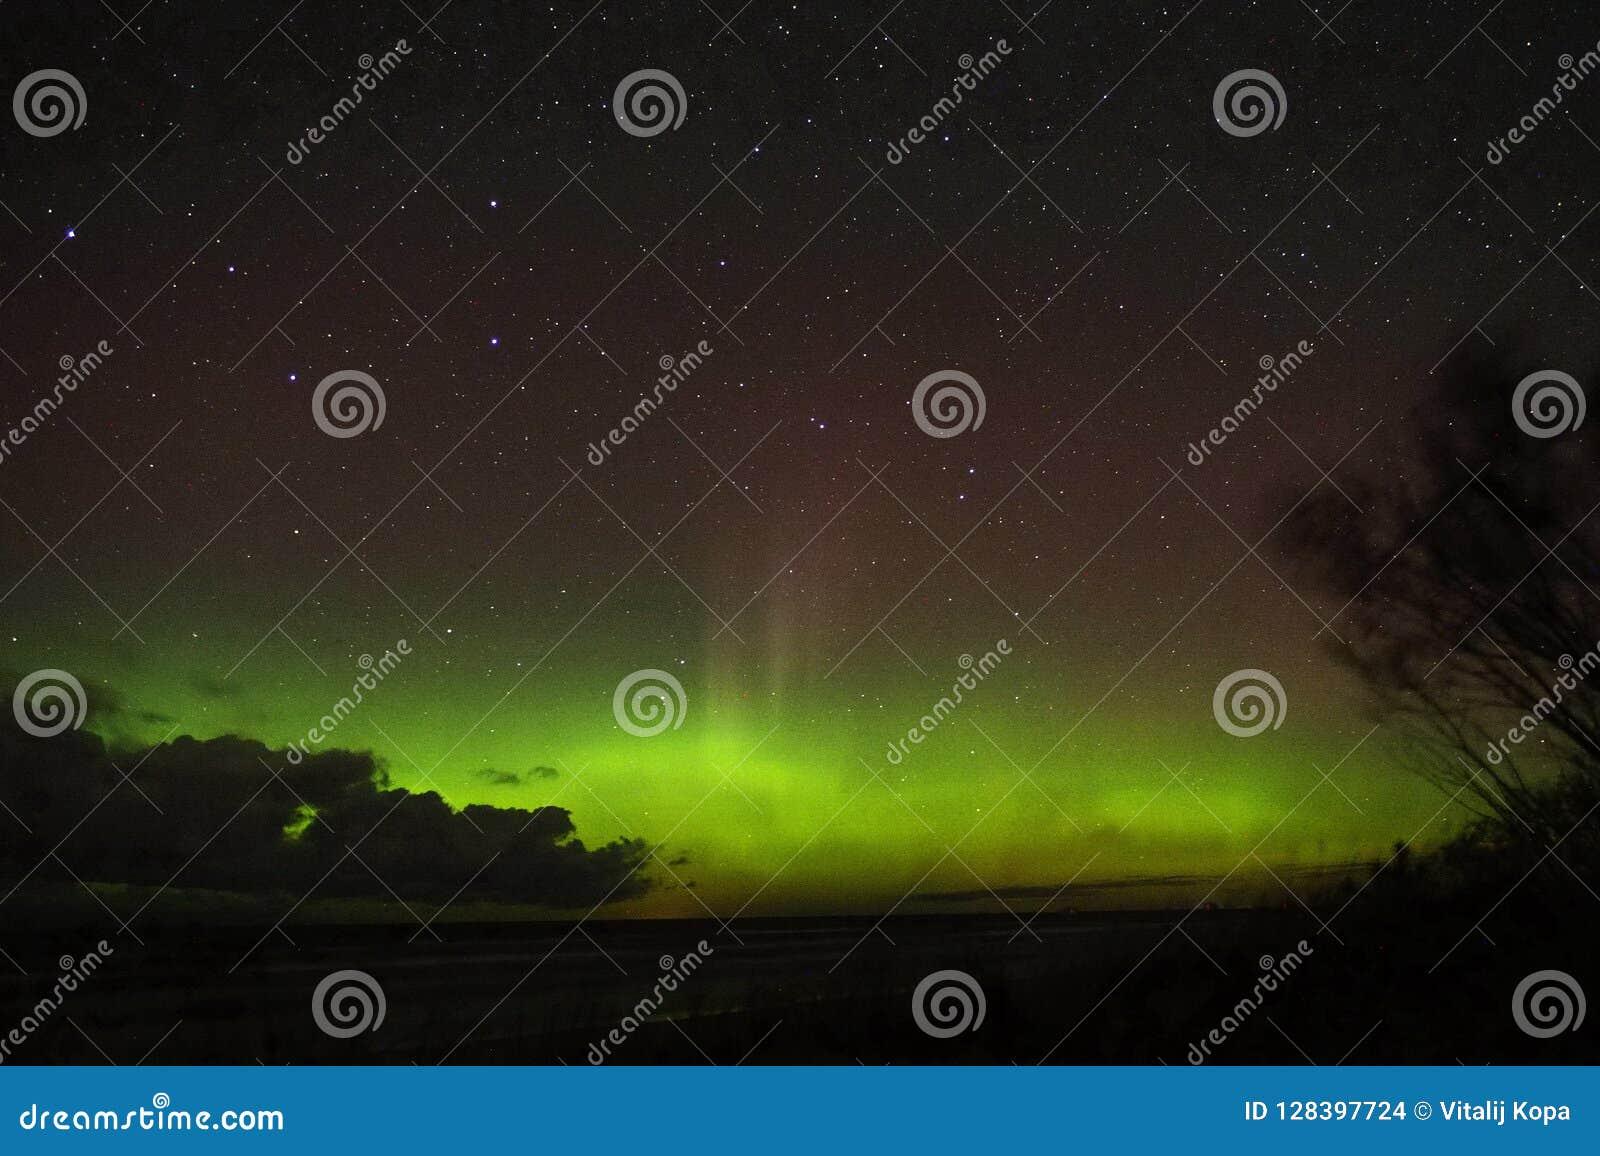 Night sky stars aurora polar lights big dipper constellation observing